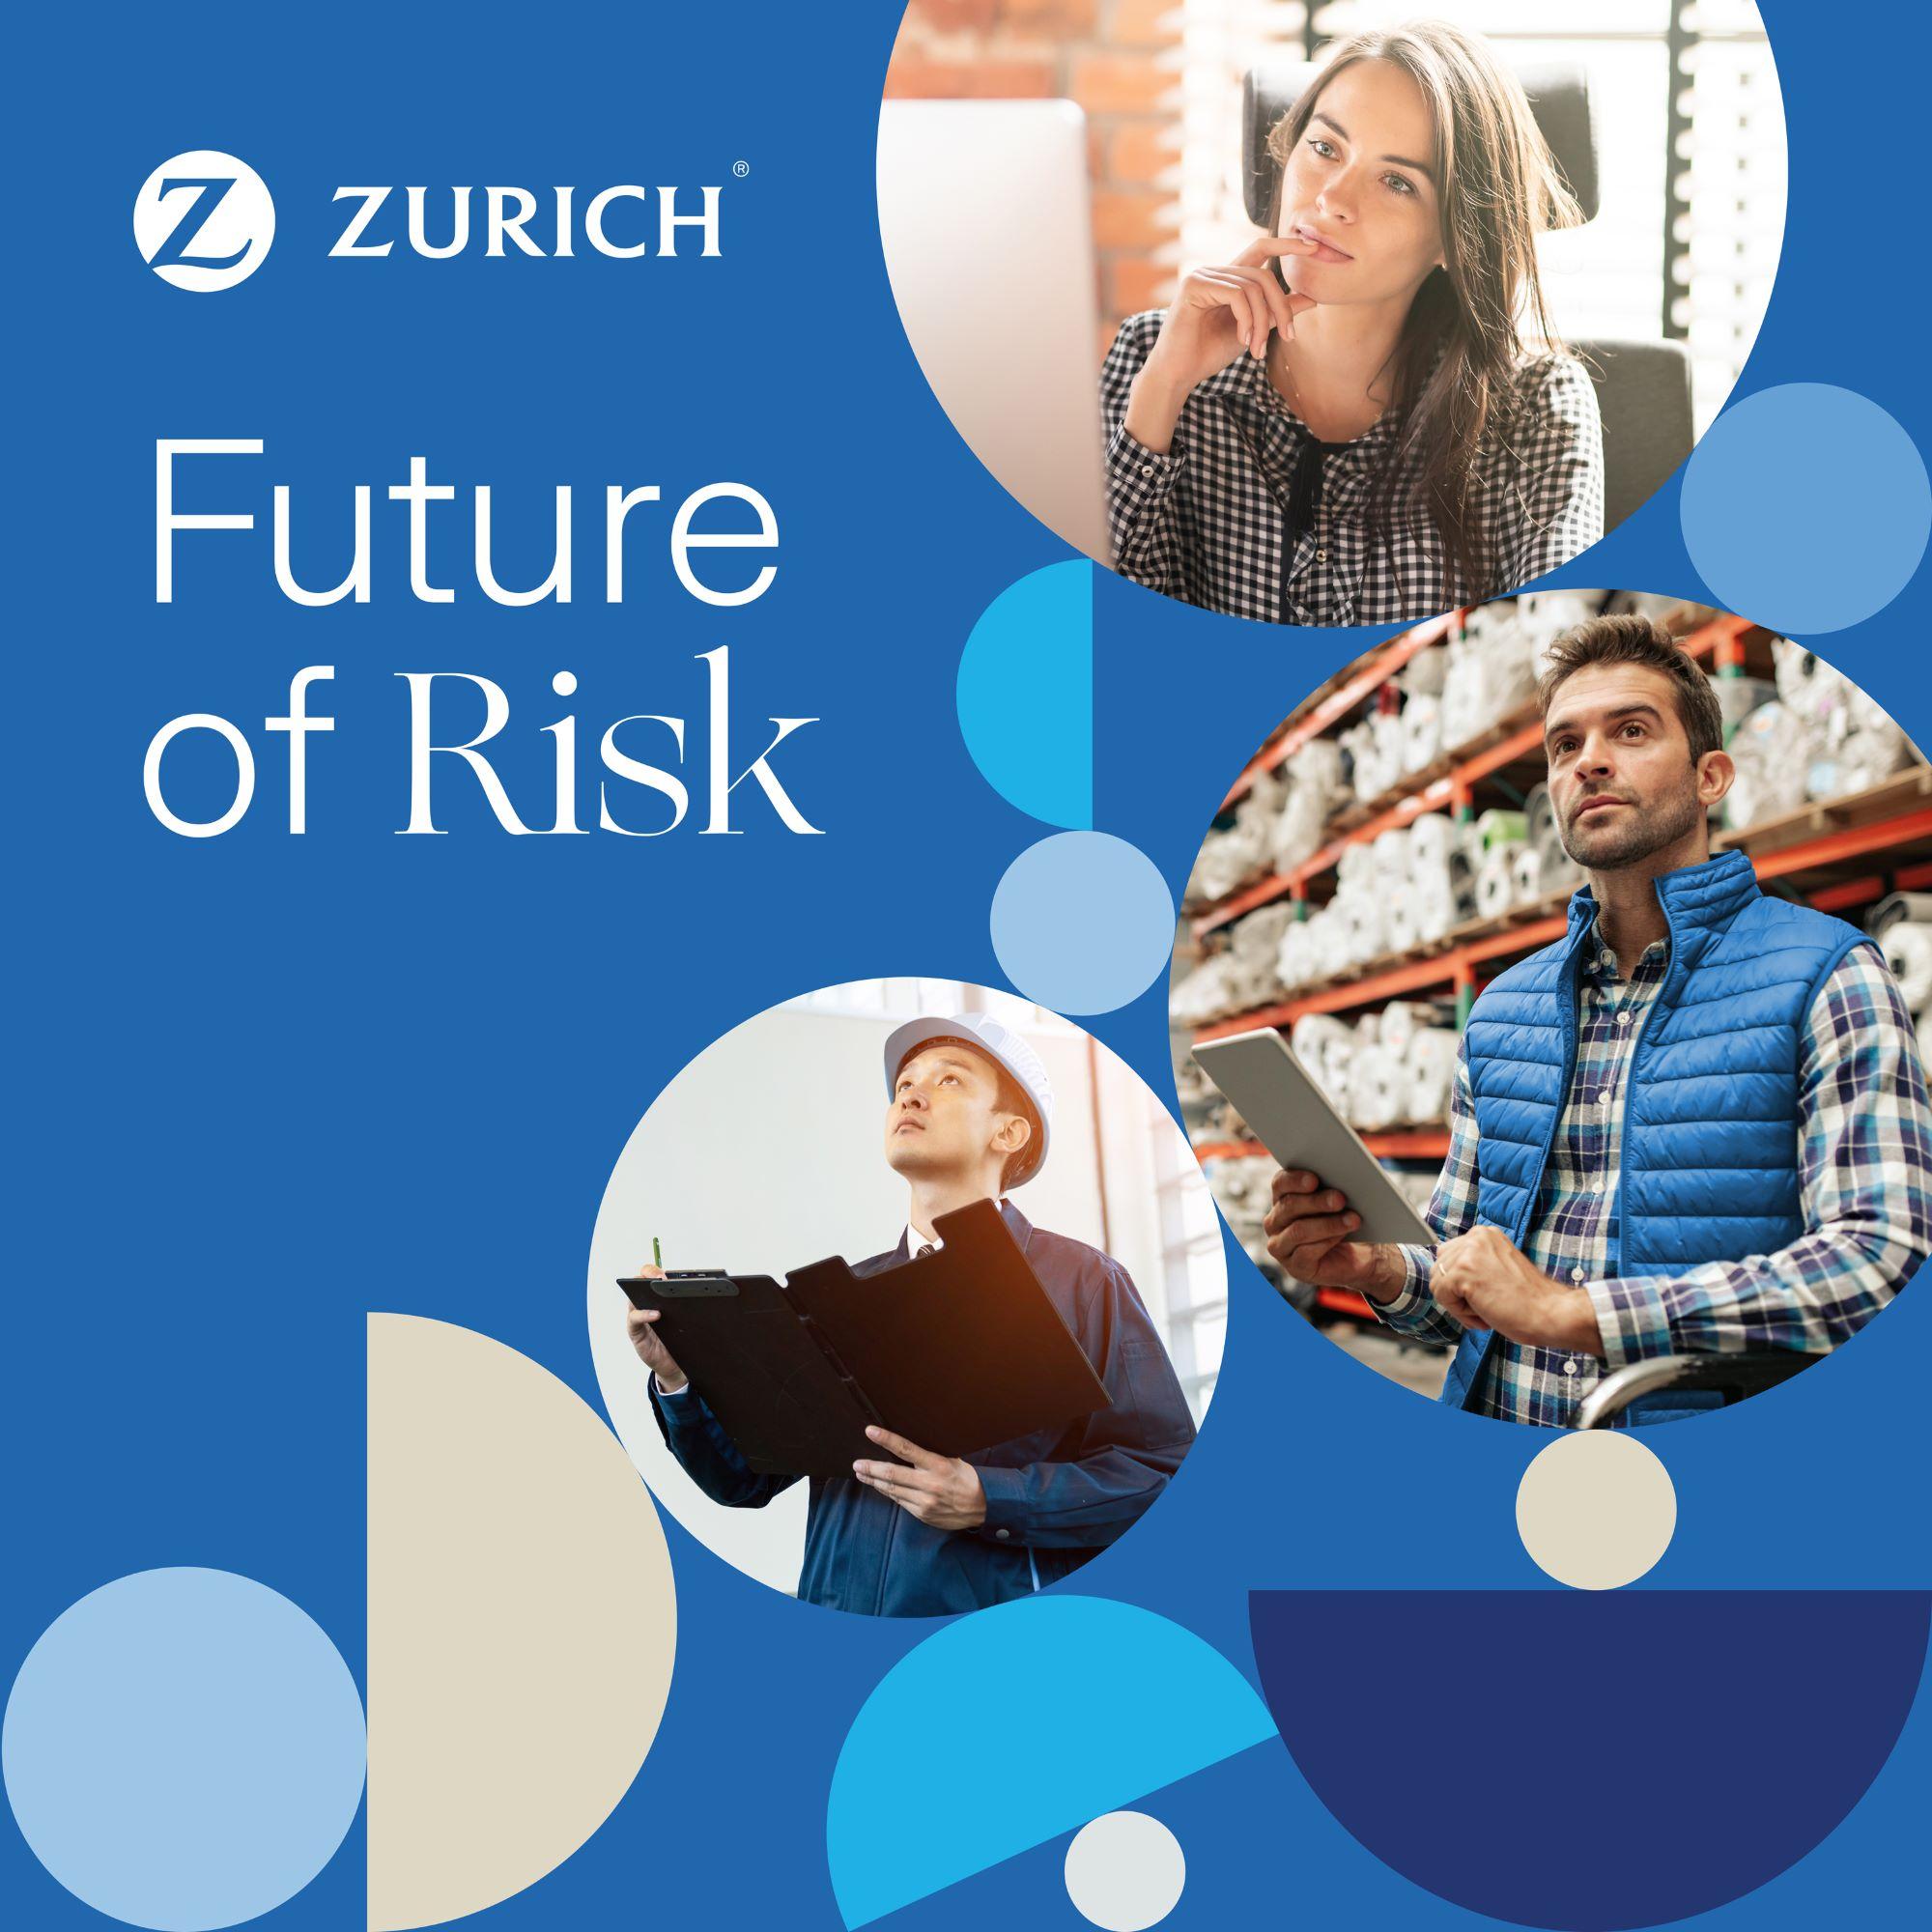 Future of Risk